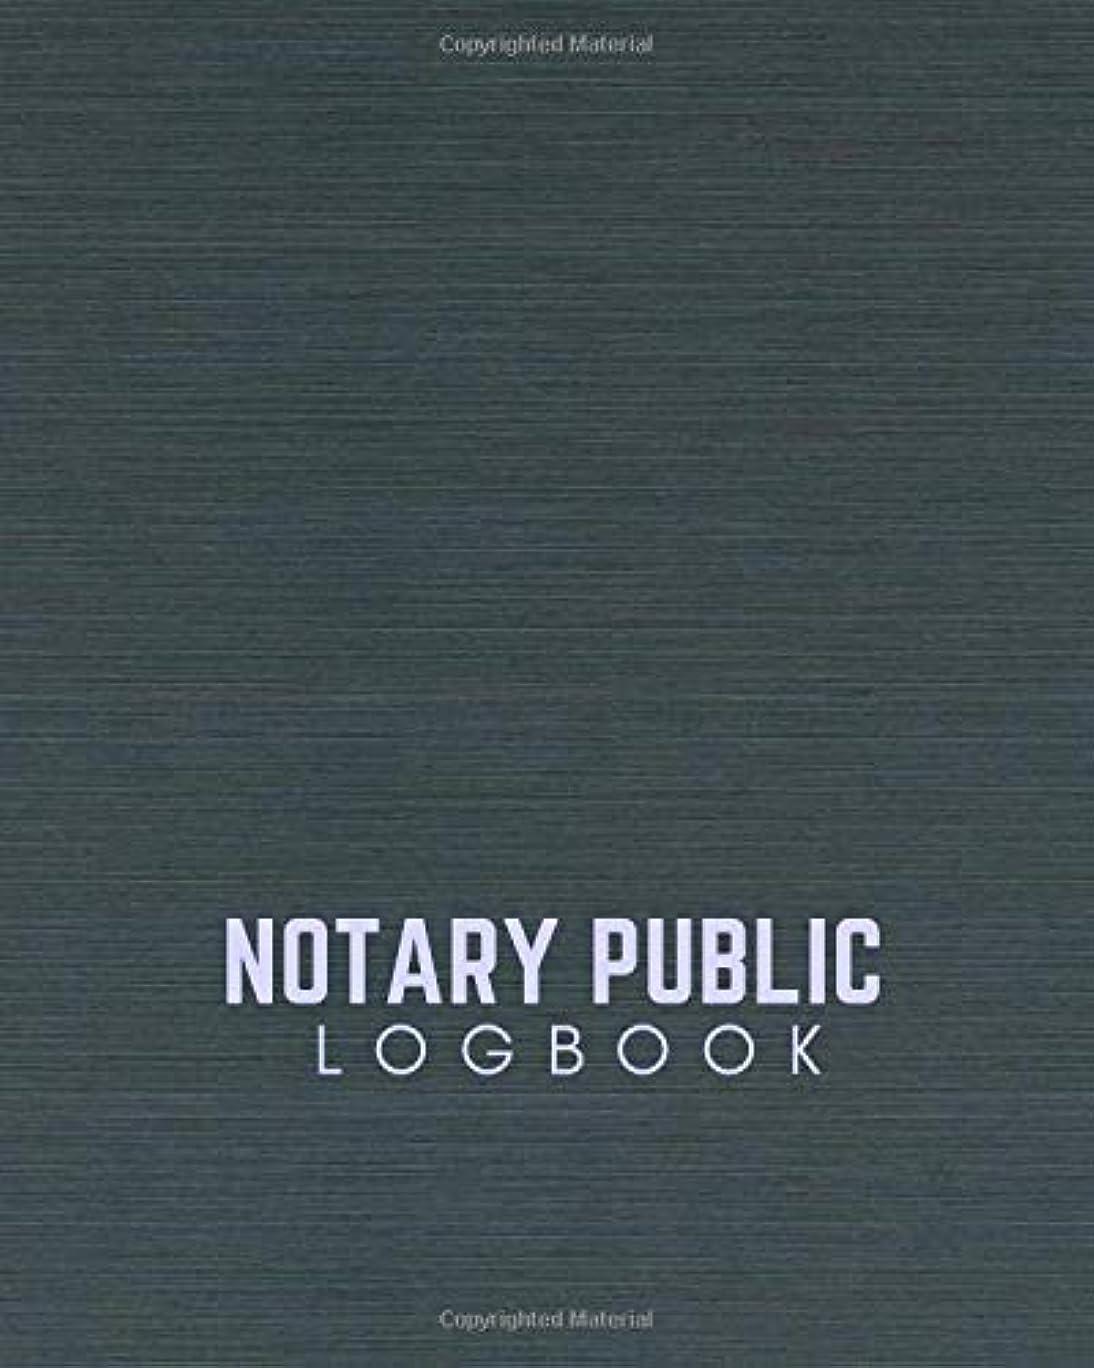 """カフェペルメル時折Notary Public Logbook: Perfect Notary Transaction Notebook Template Write-In and Sign-In Journal for All Administrative Affairs Large Print Size 8"""" x 10"""". (Notary Record Keeper.)"""